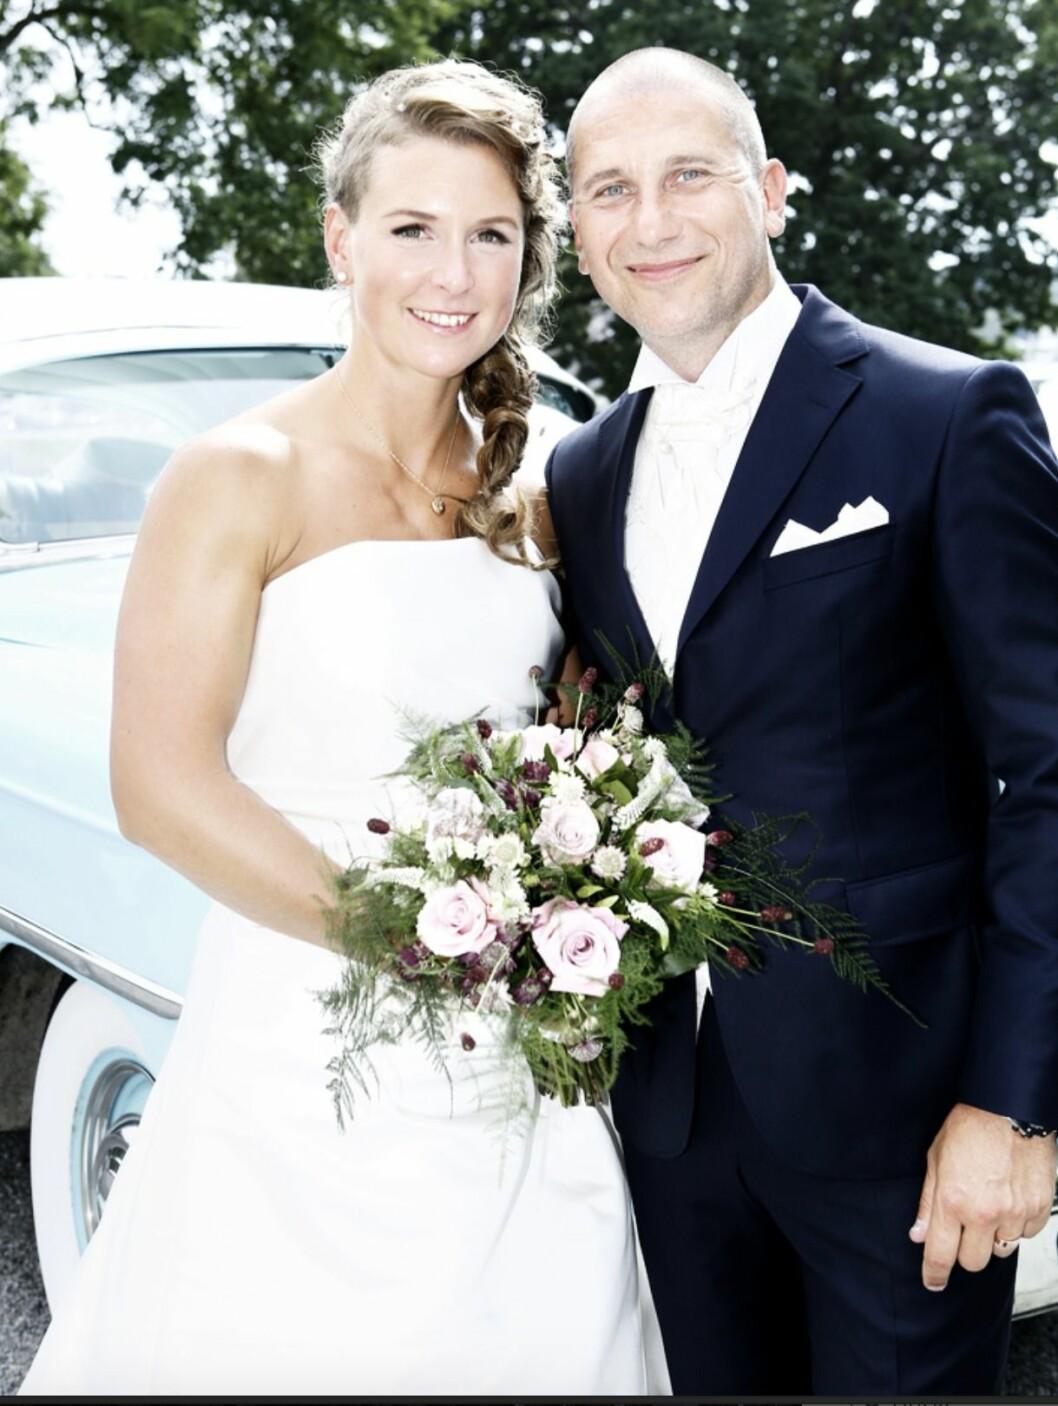 Marko och Jessica gifter sig